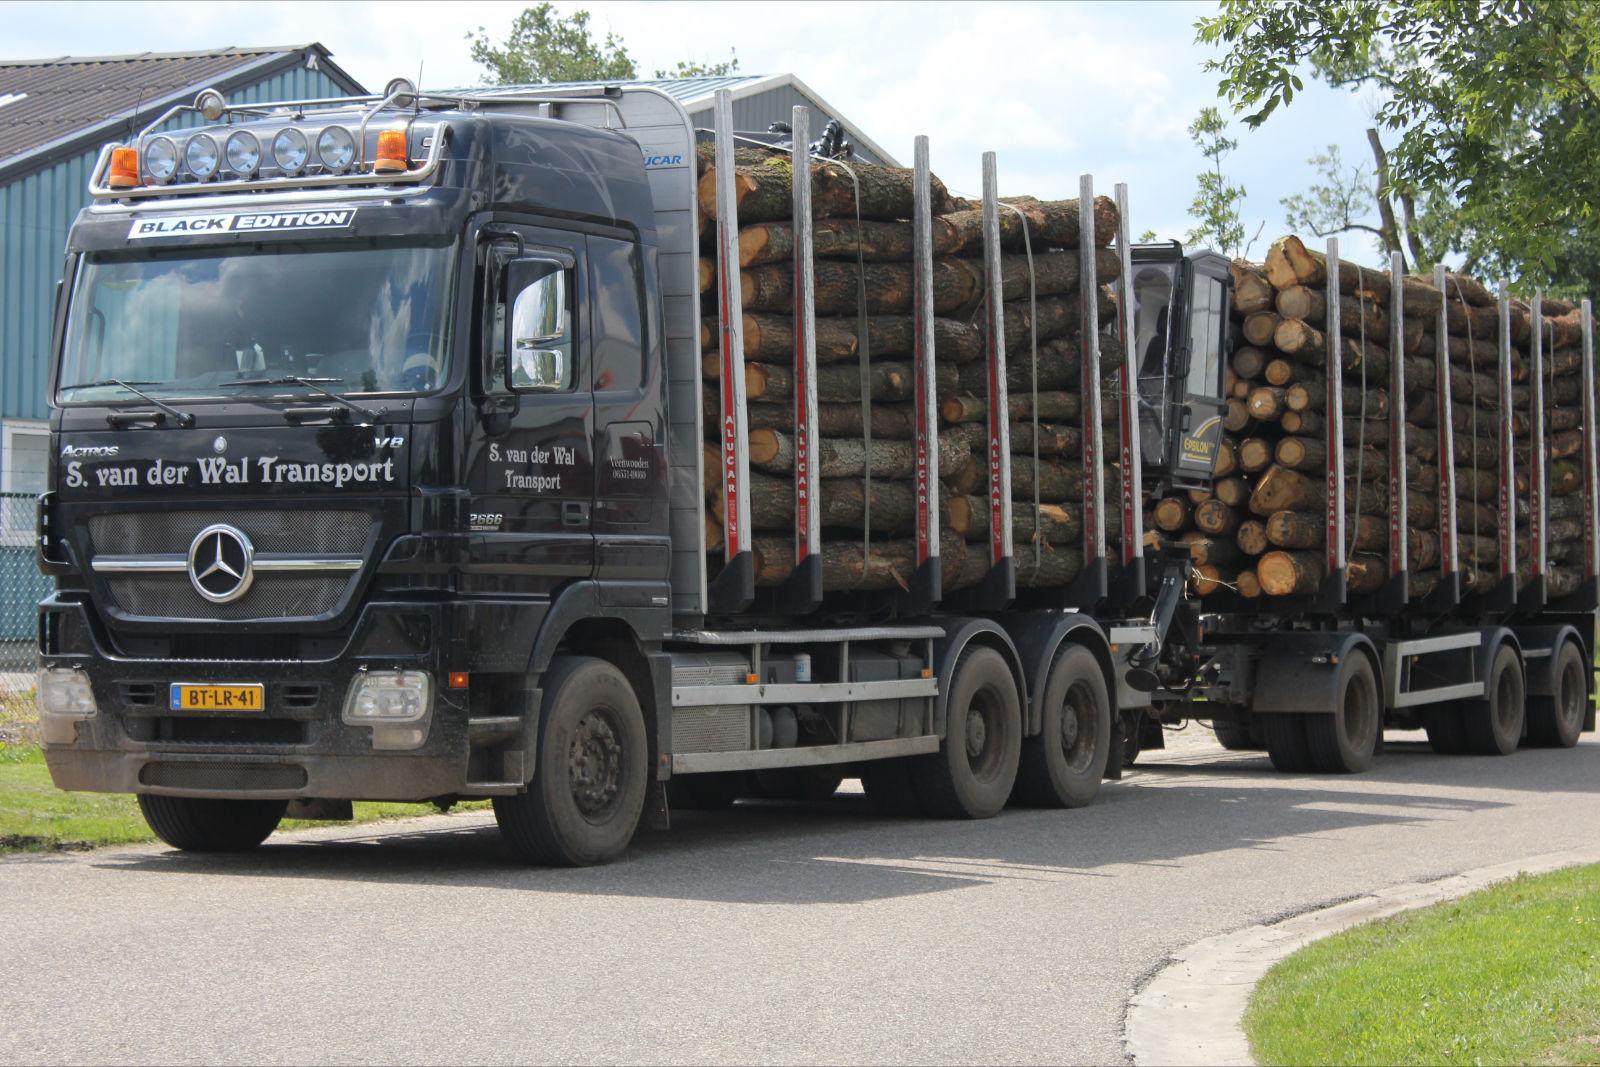 S. van der Wal Transport